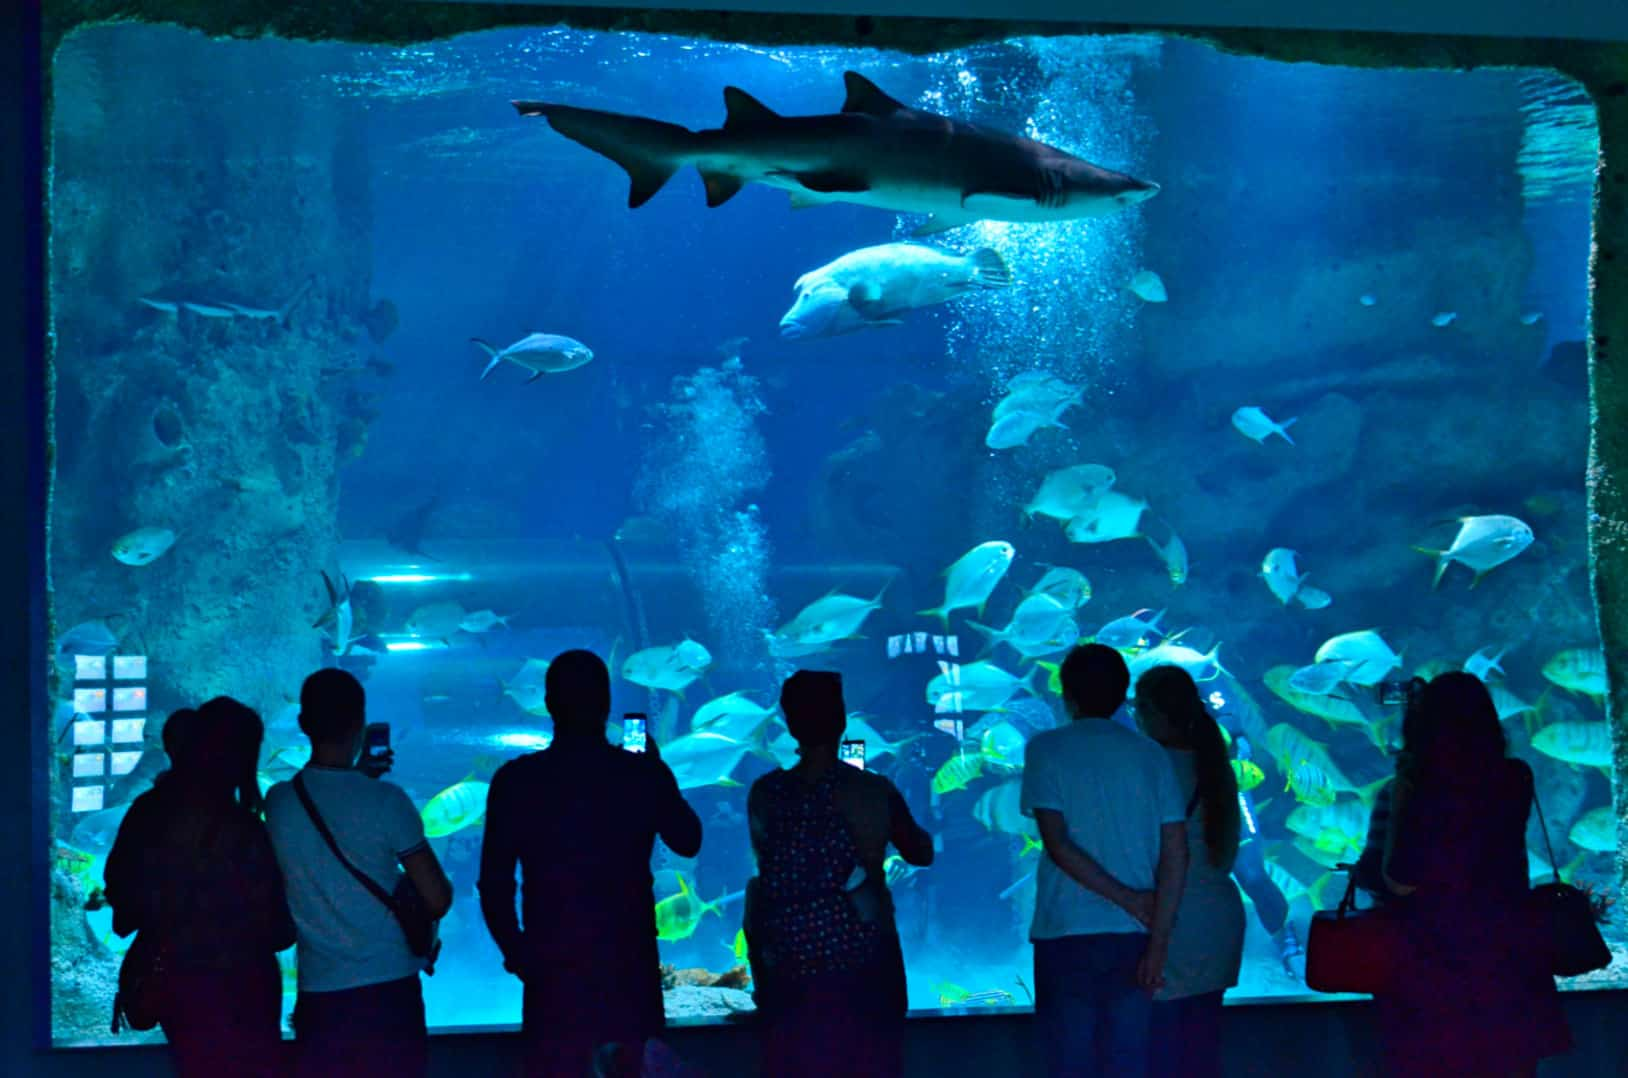 акцентируется сложном аквариум на вднх картинки должен быть вкусным